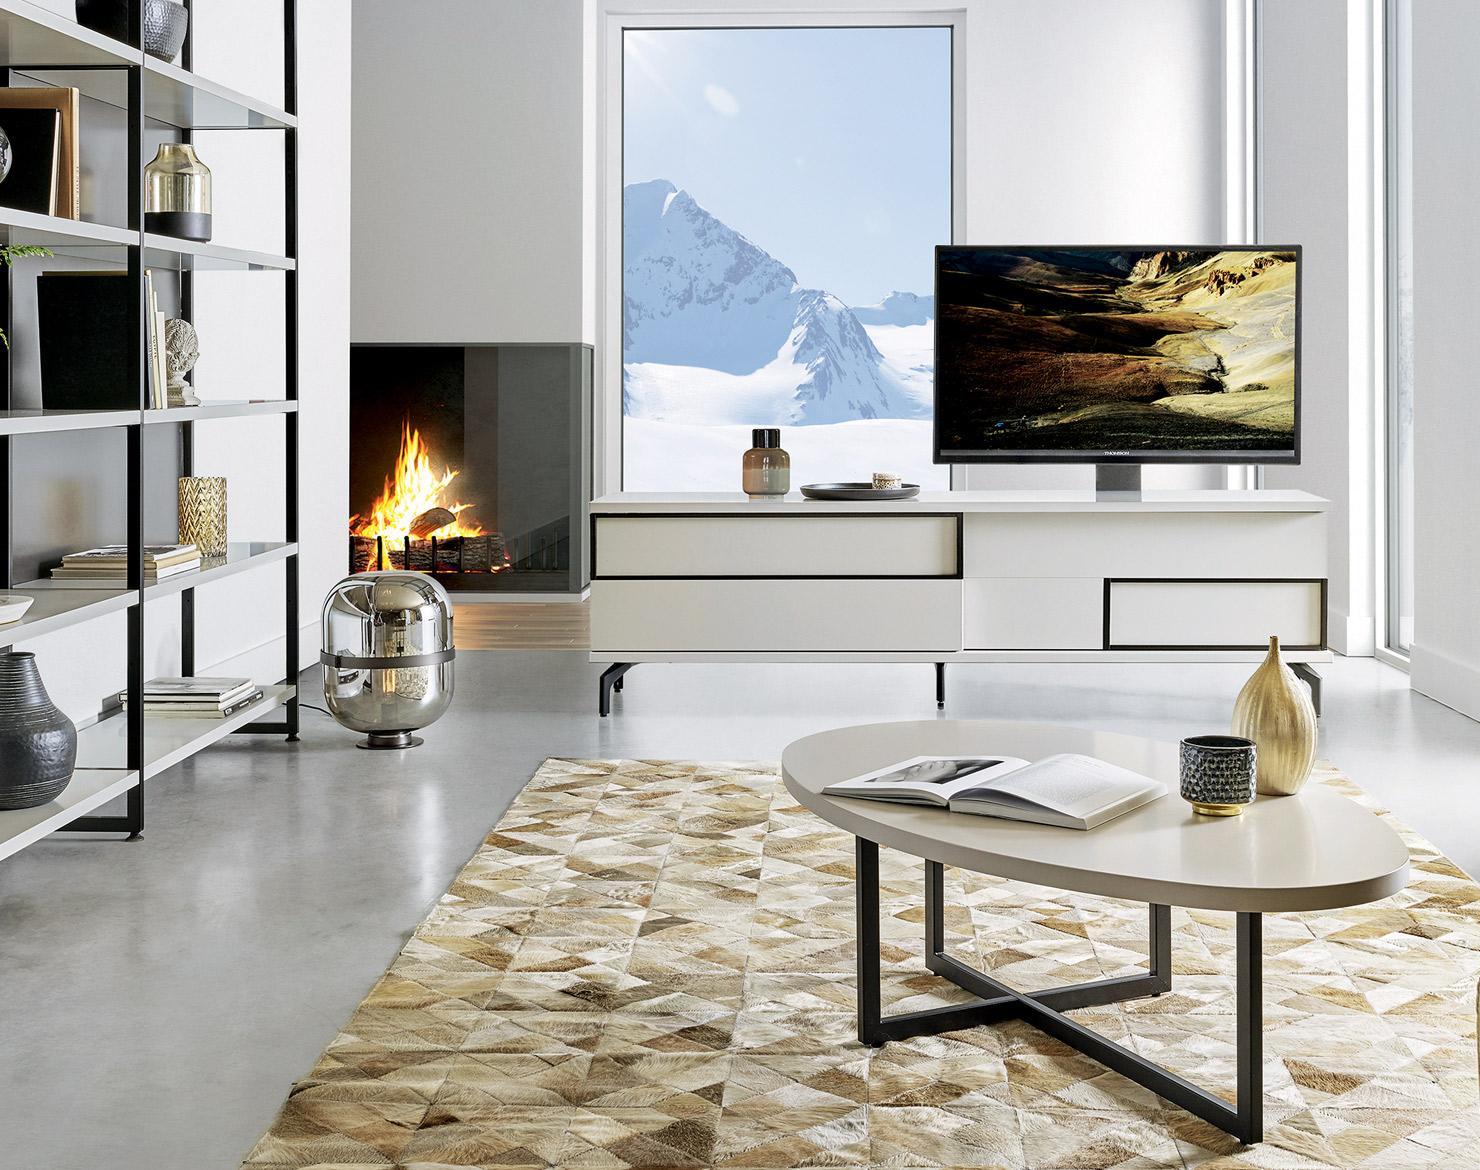 Choisir un meuble TV design et innovant pour votre intérieur ...